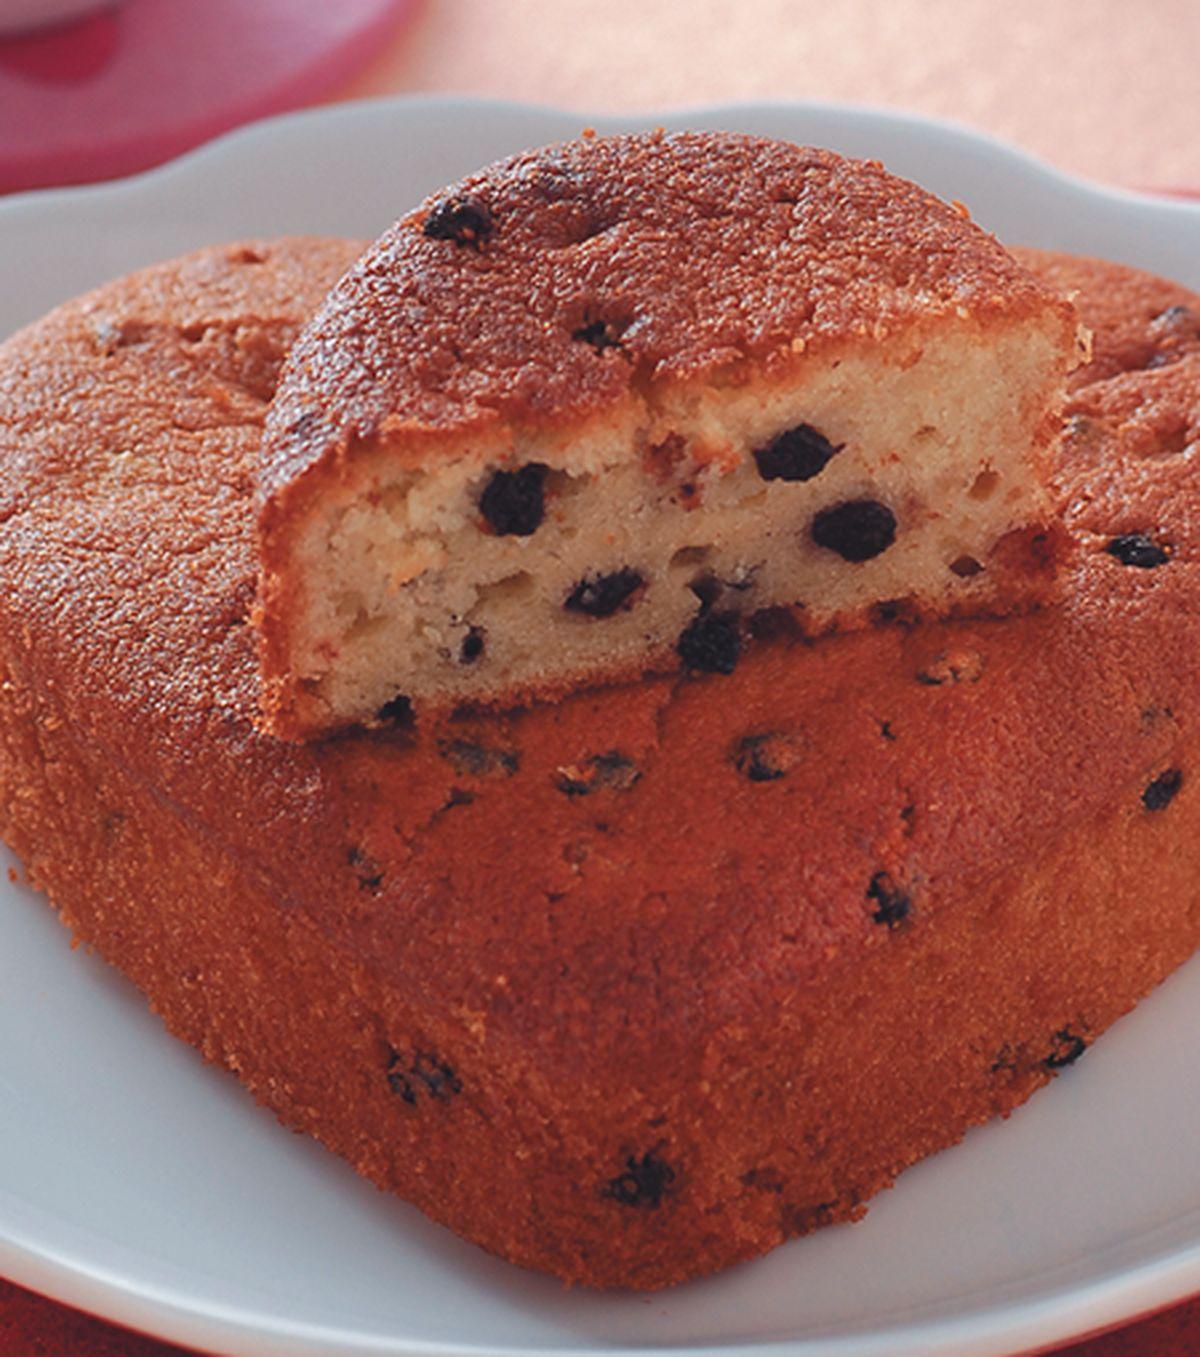 食譜:寒天優格蛋糕